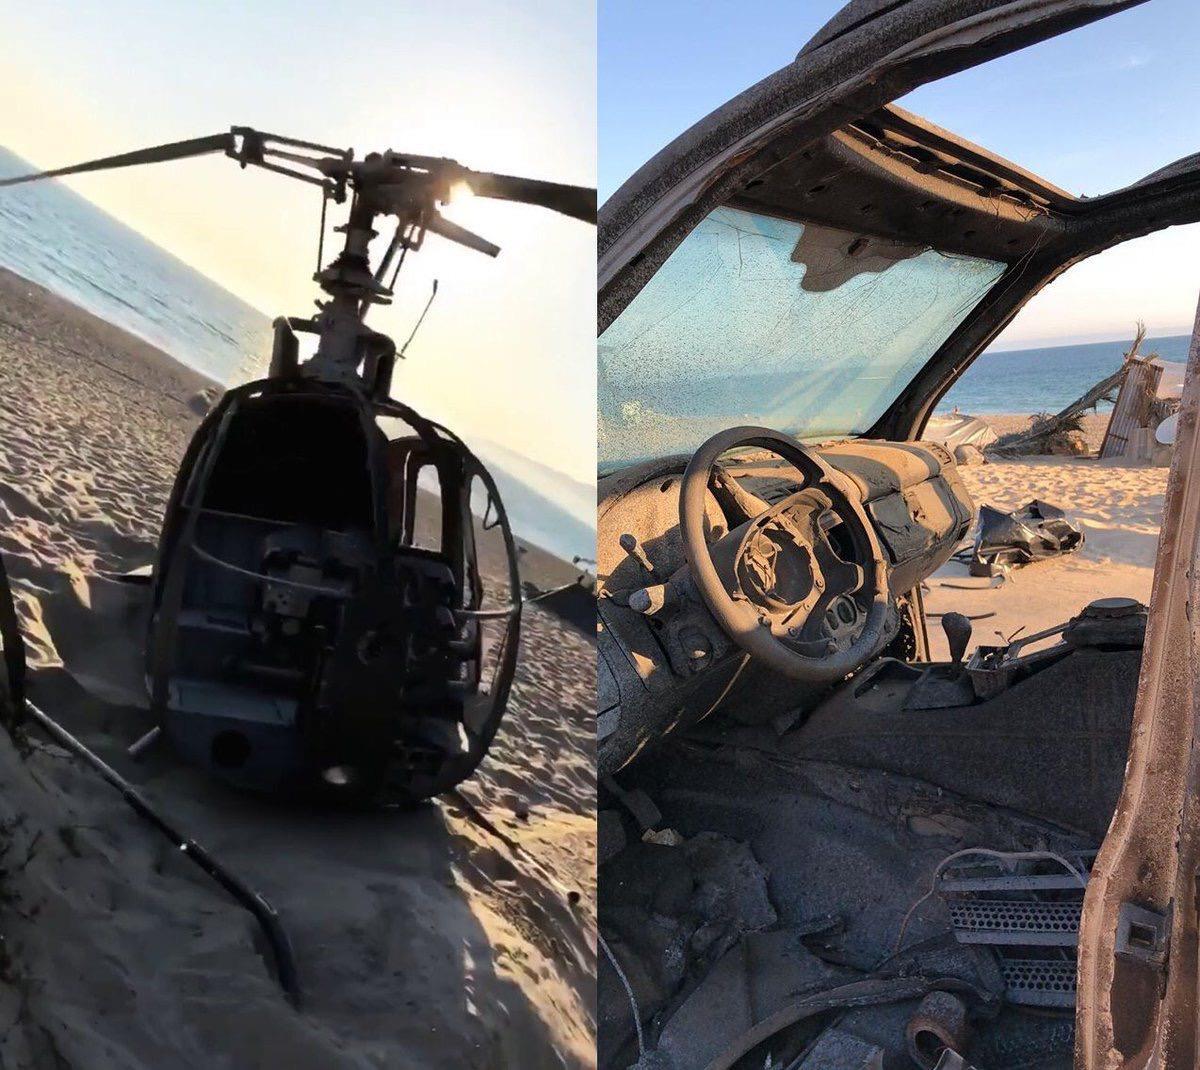 Altro collage con gli interni di un'auto e di un elicottero